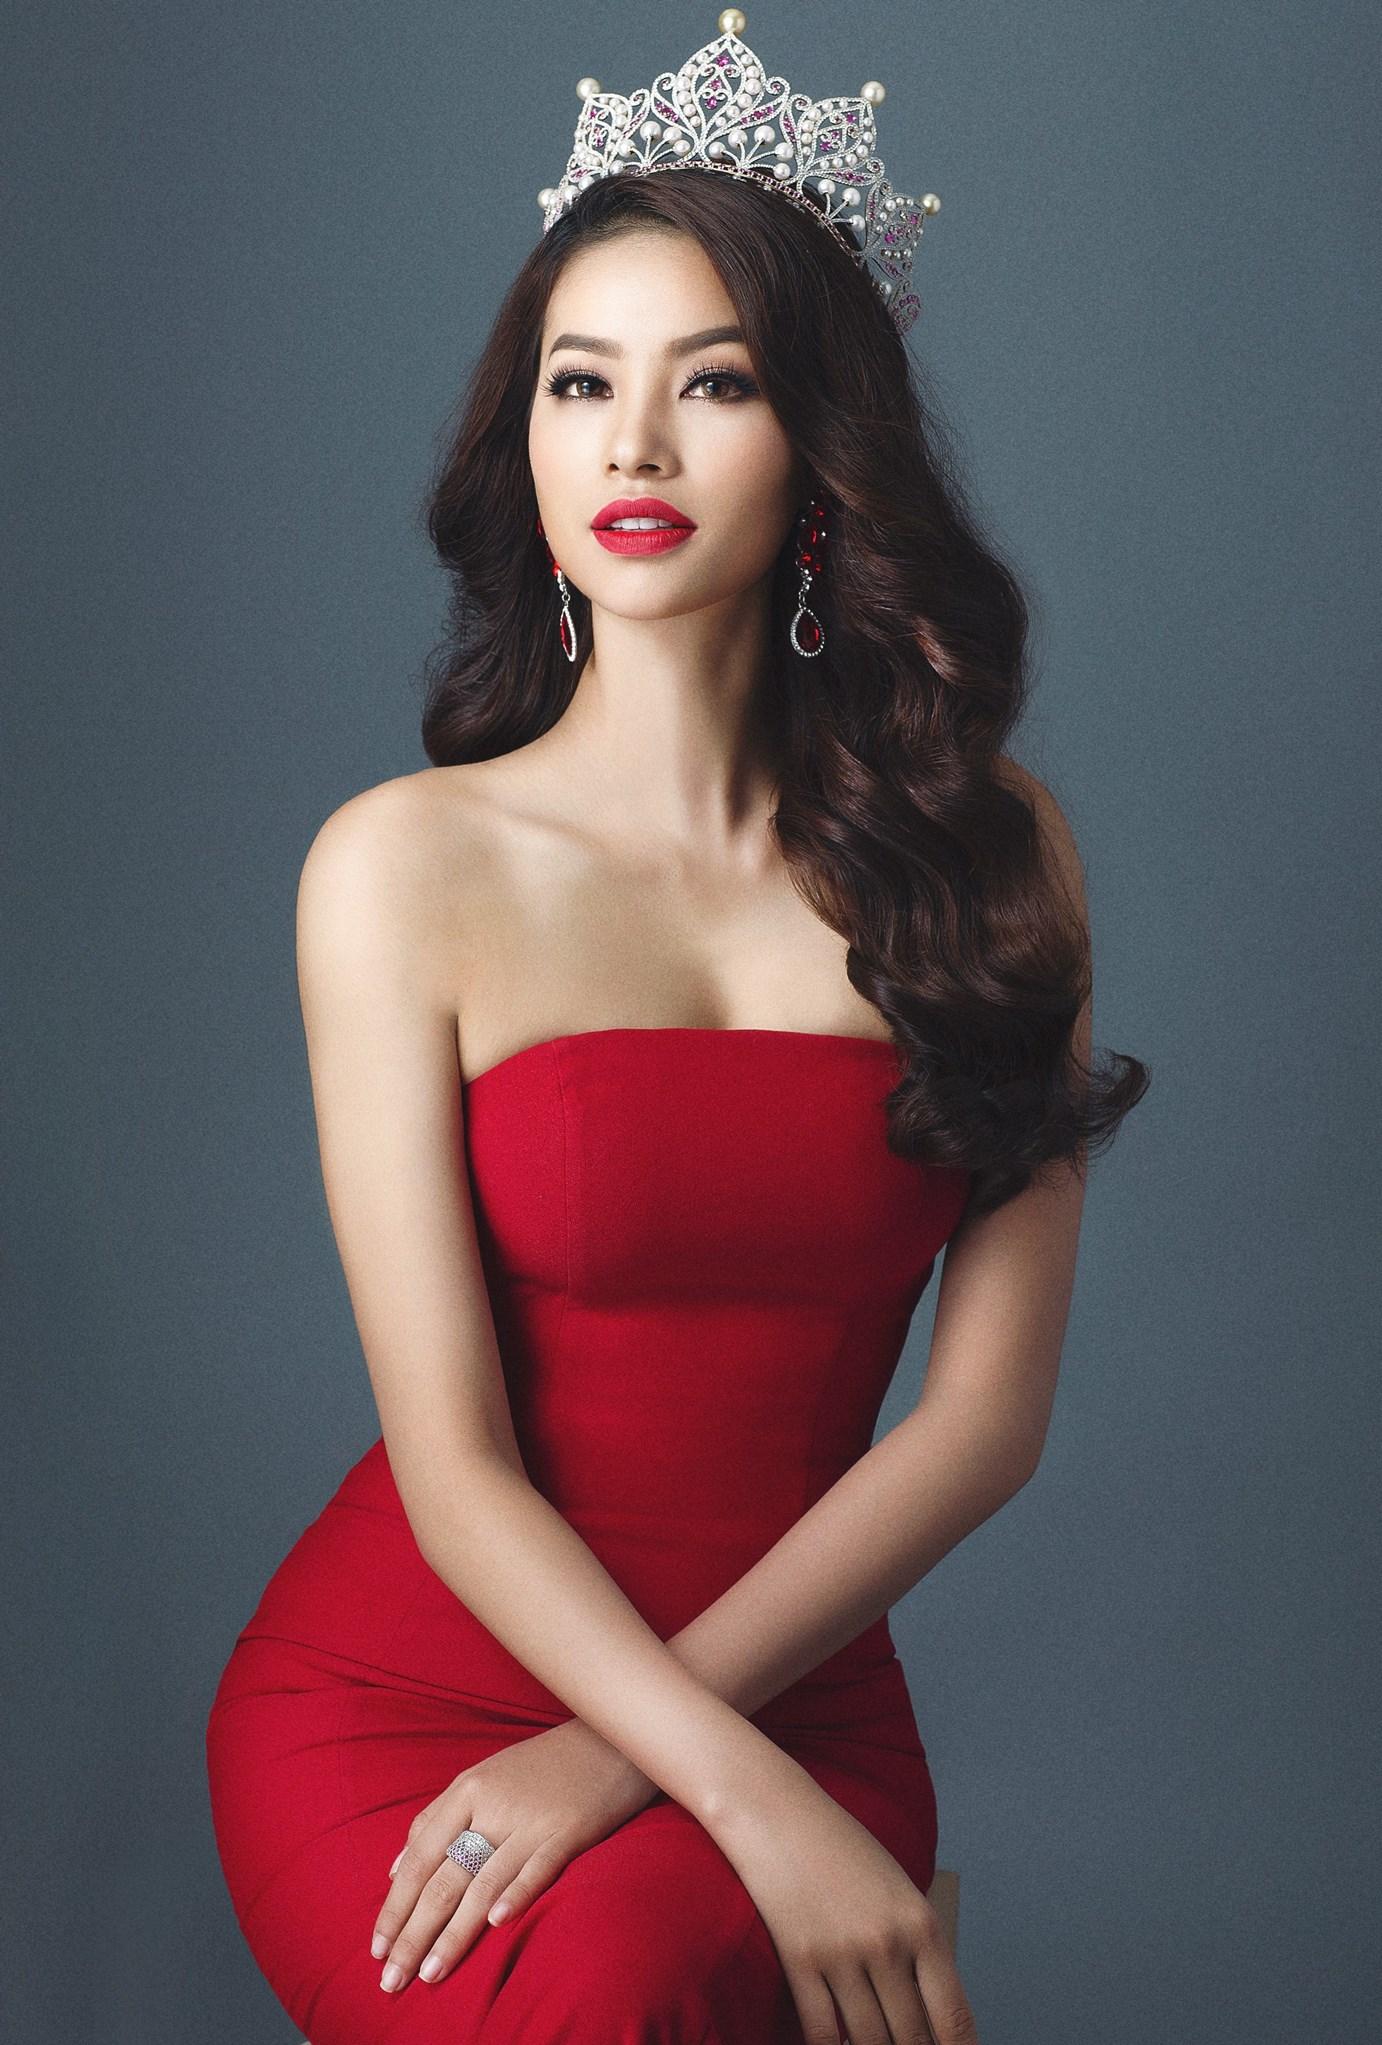 Theo tạp chí The Richest, Hoa hậu Hoàn vũ Việt Nam 2015 – Phạm Hương đứng ở vị trí thứ 4 trong danh sách 50 người đẹp nhất thế giới.